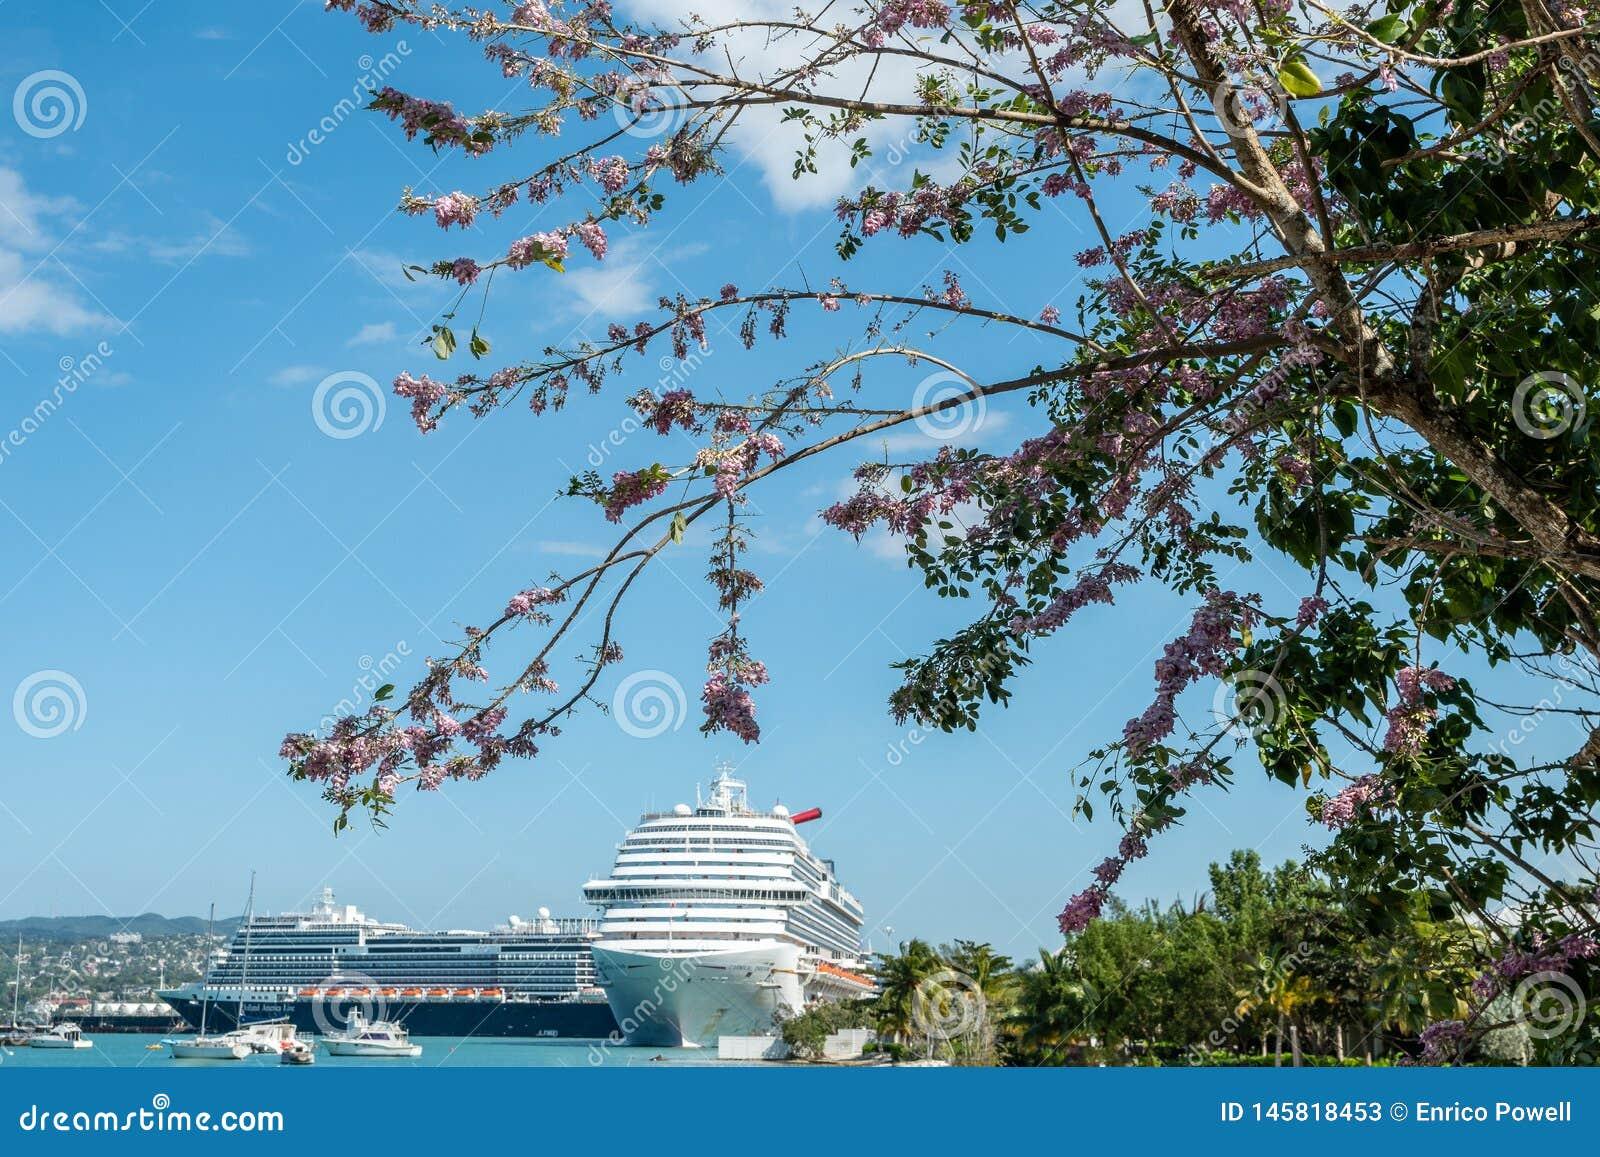 Туристические судна мечты и Голландии Америки Nieuw Statendam масленицы состыкованные в Ямайке